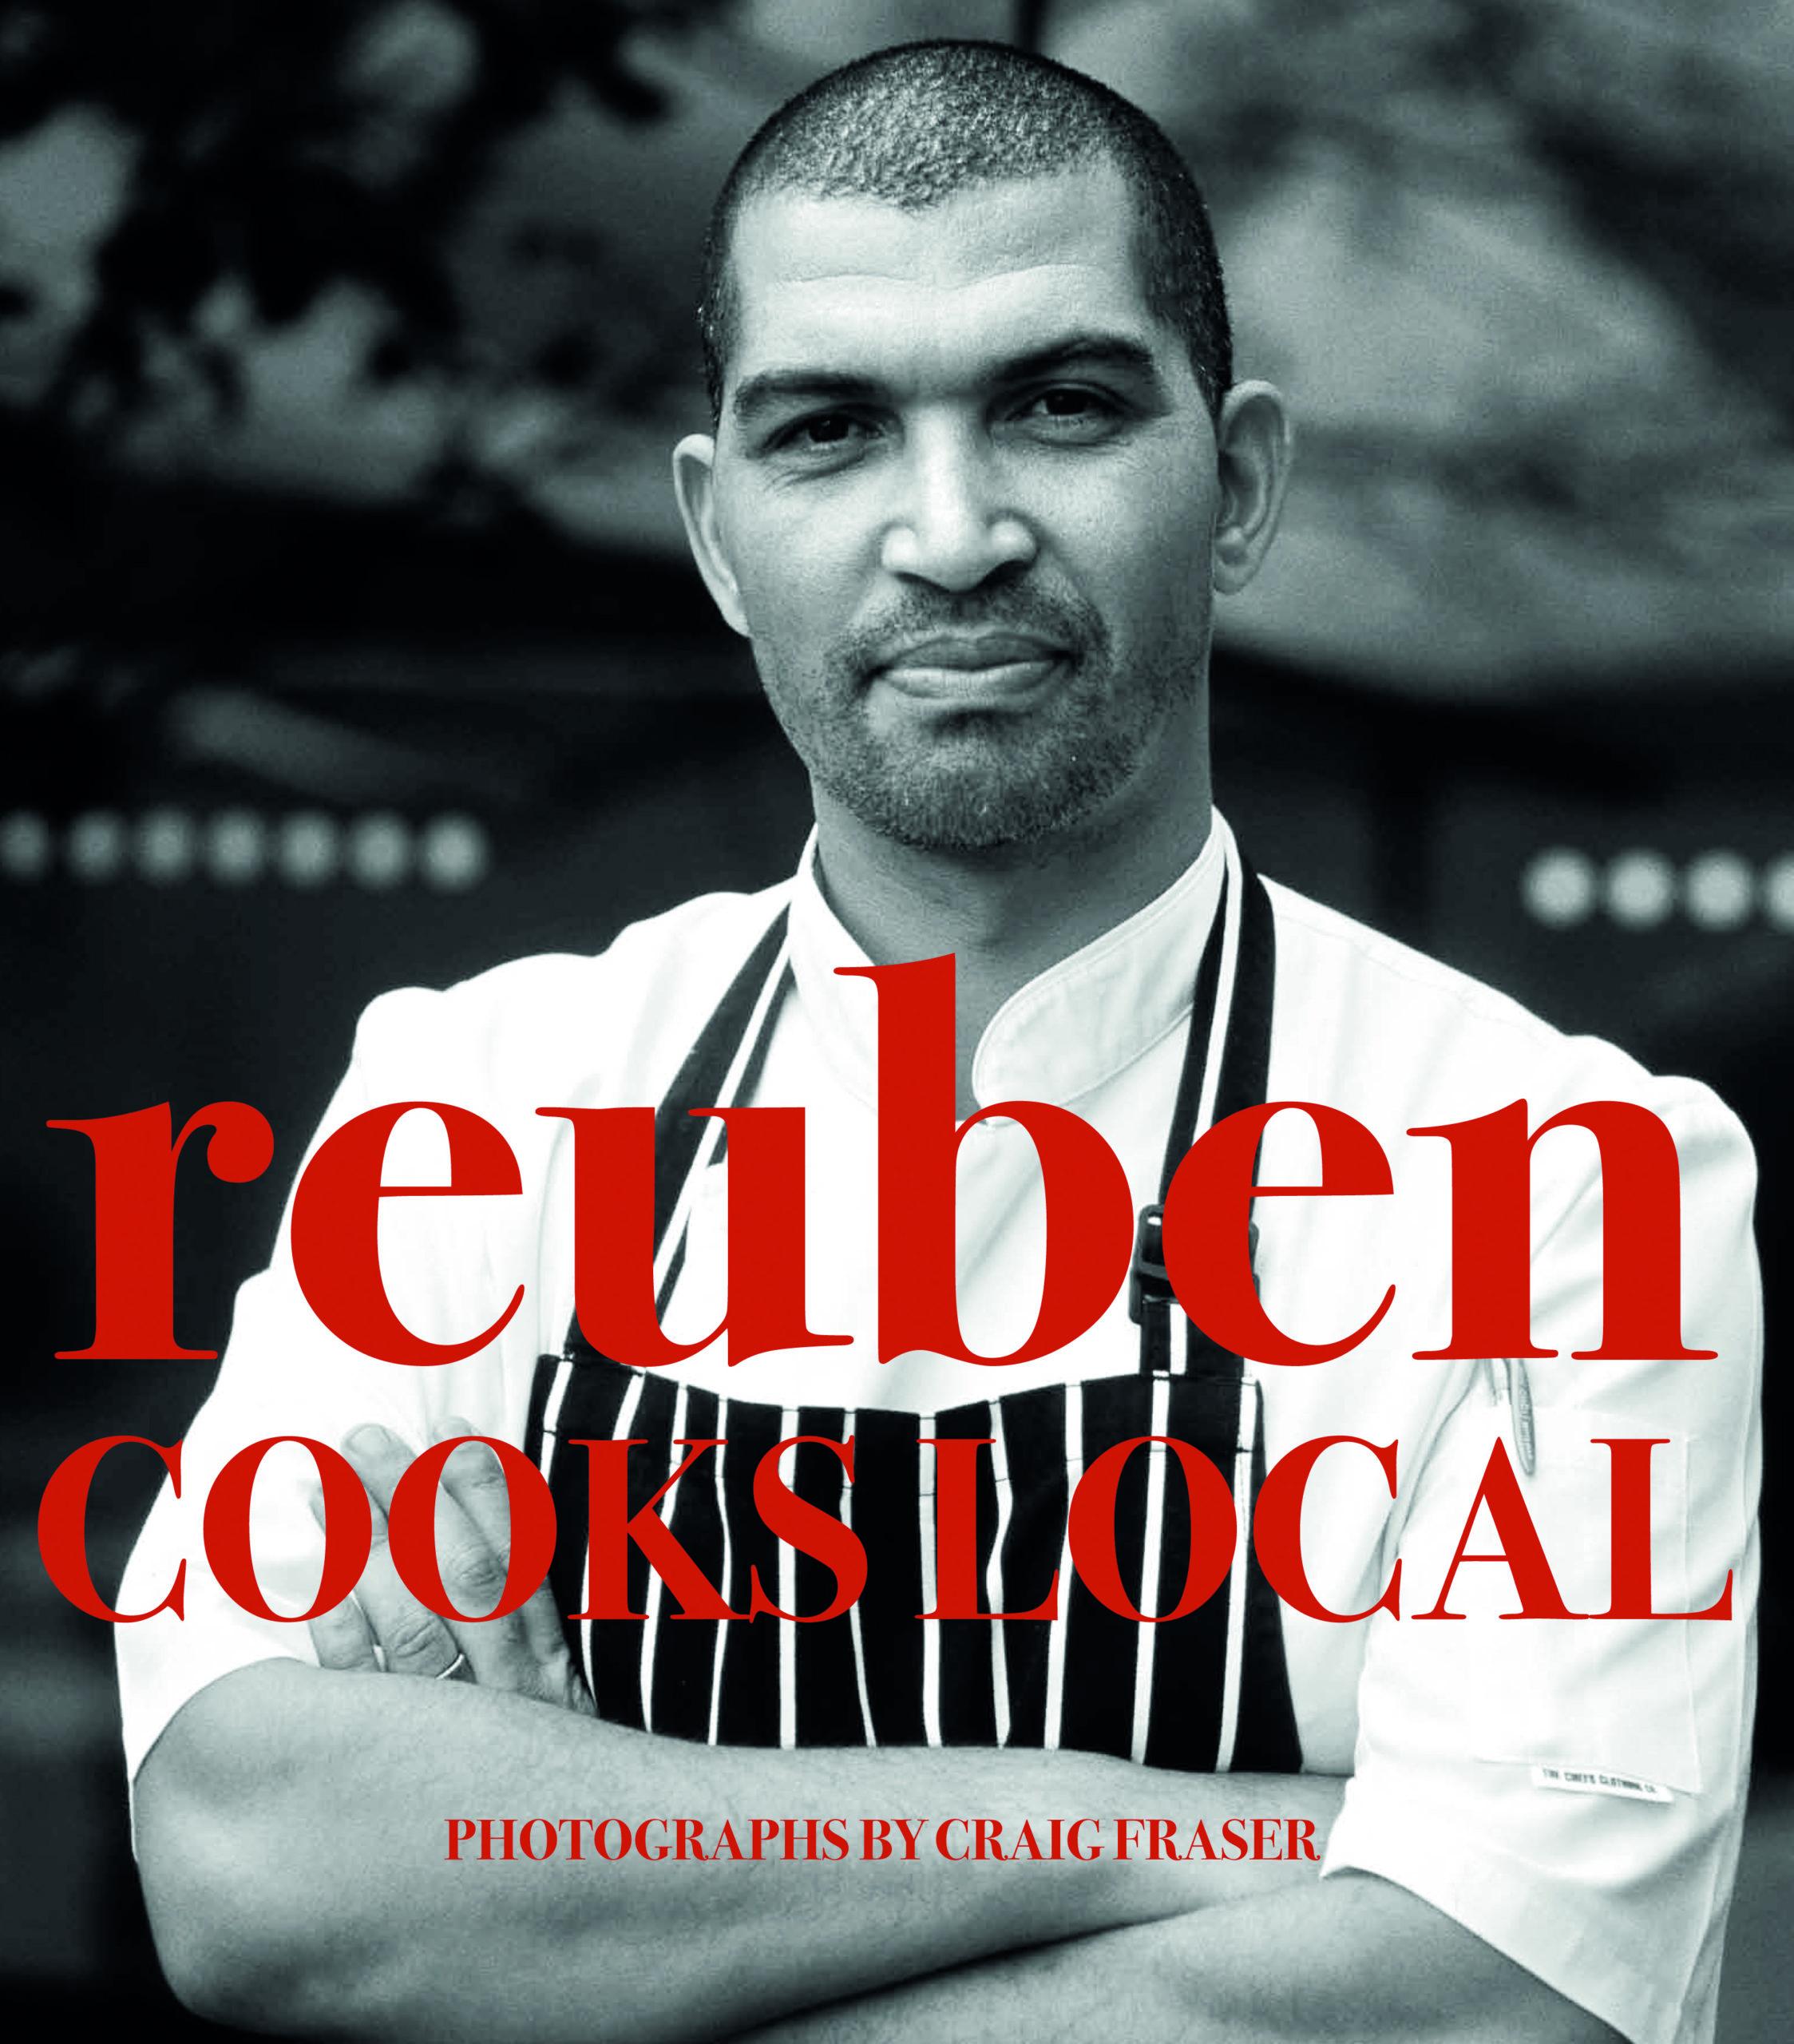 Reuben Cooks Local